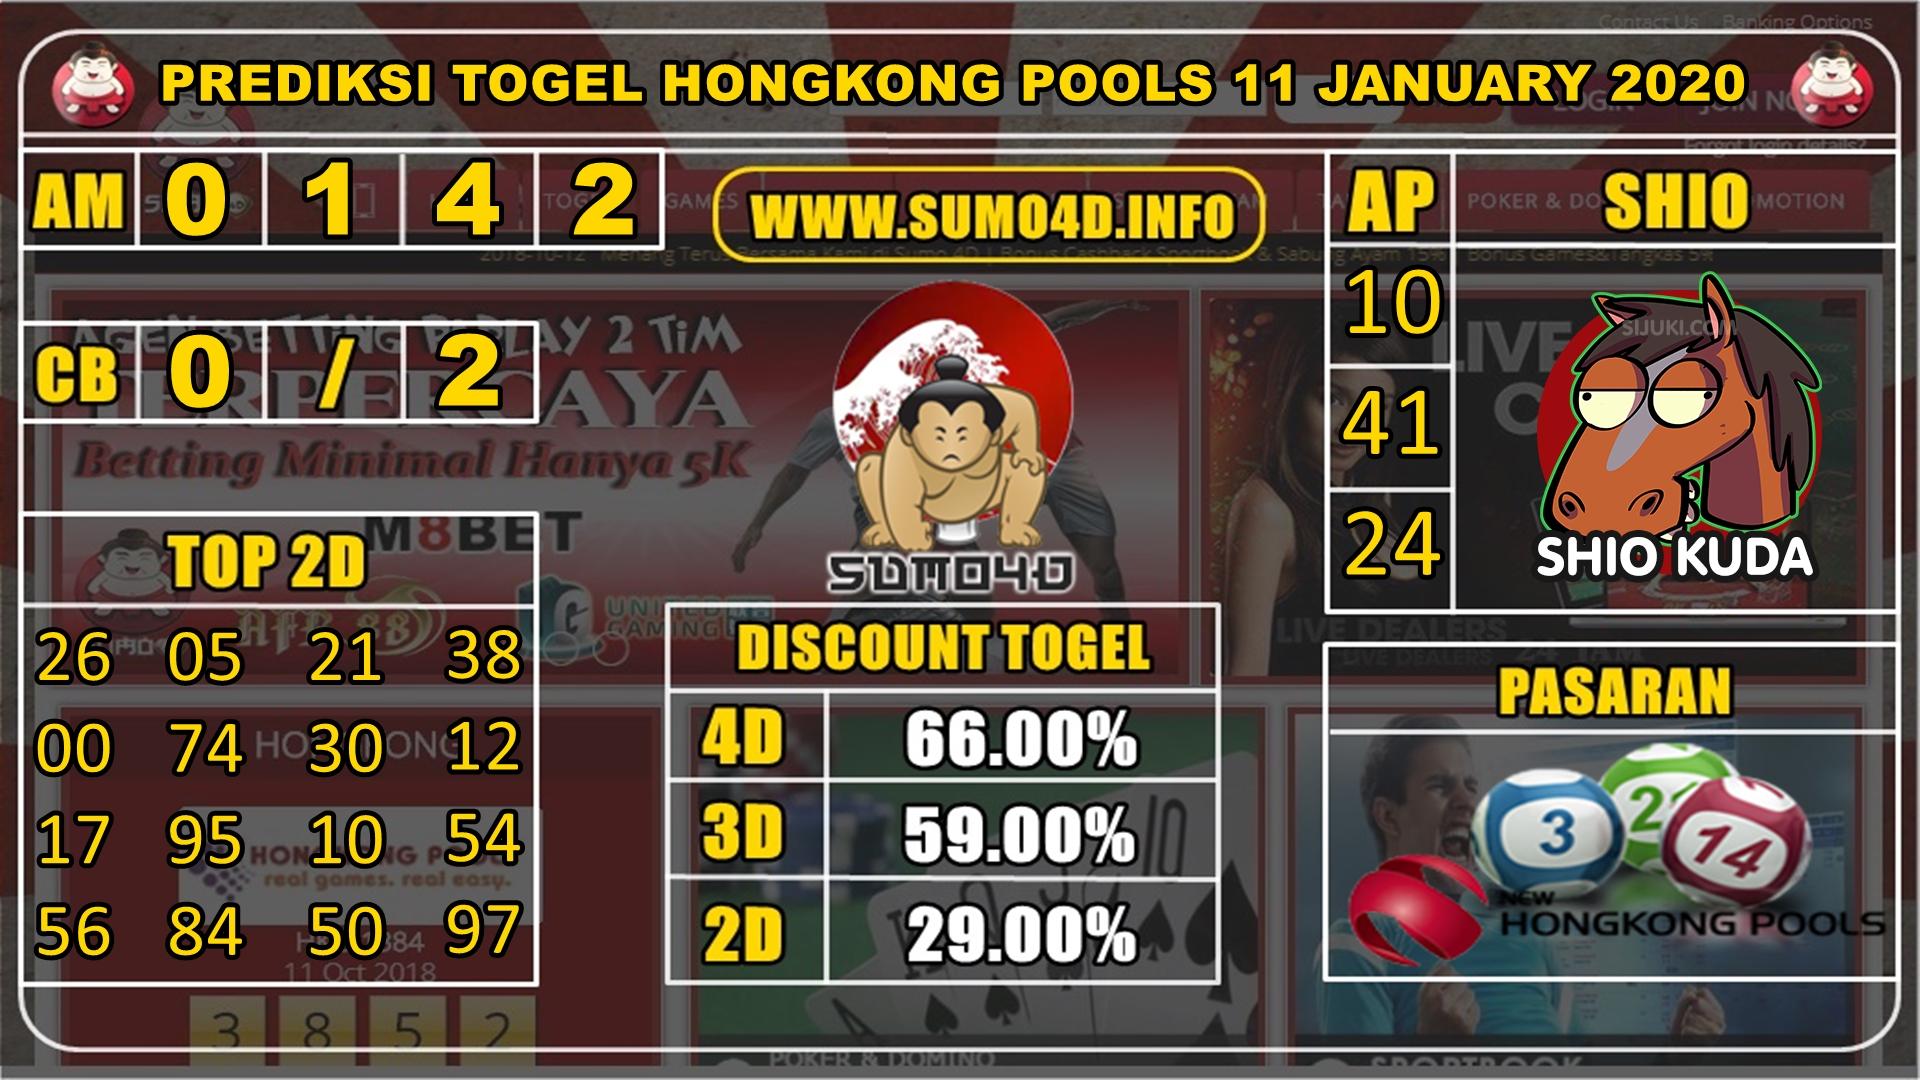 PREDIKSI TOGEL HONGKONG POOLS 11 JANUARY 2020